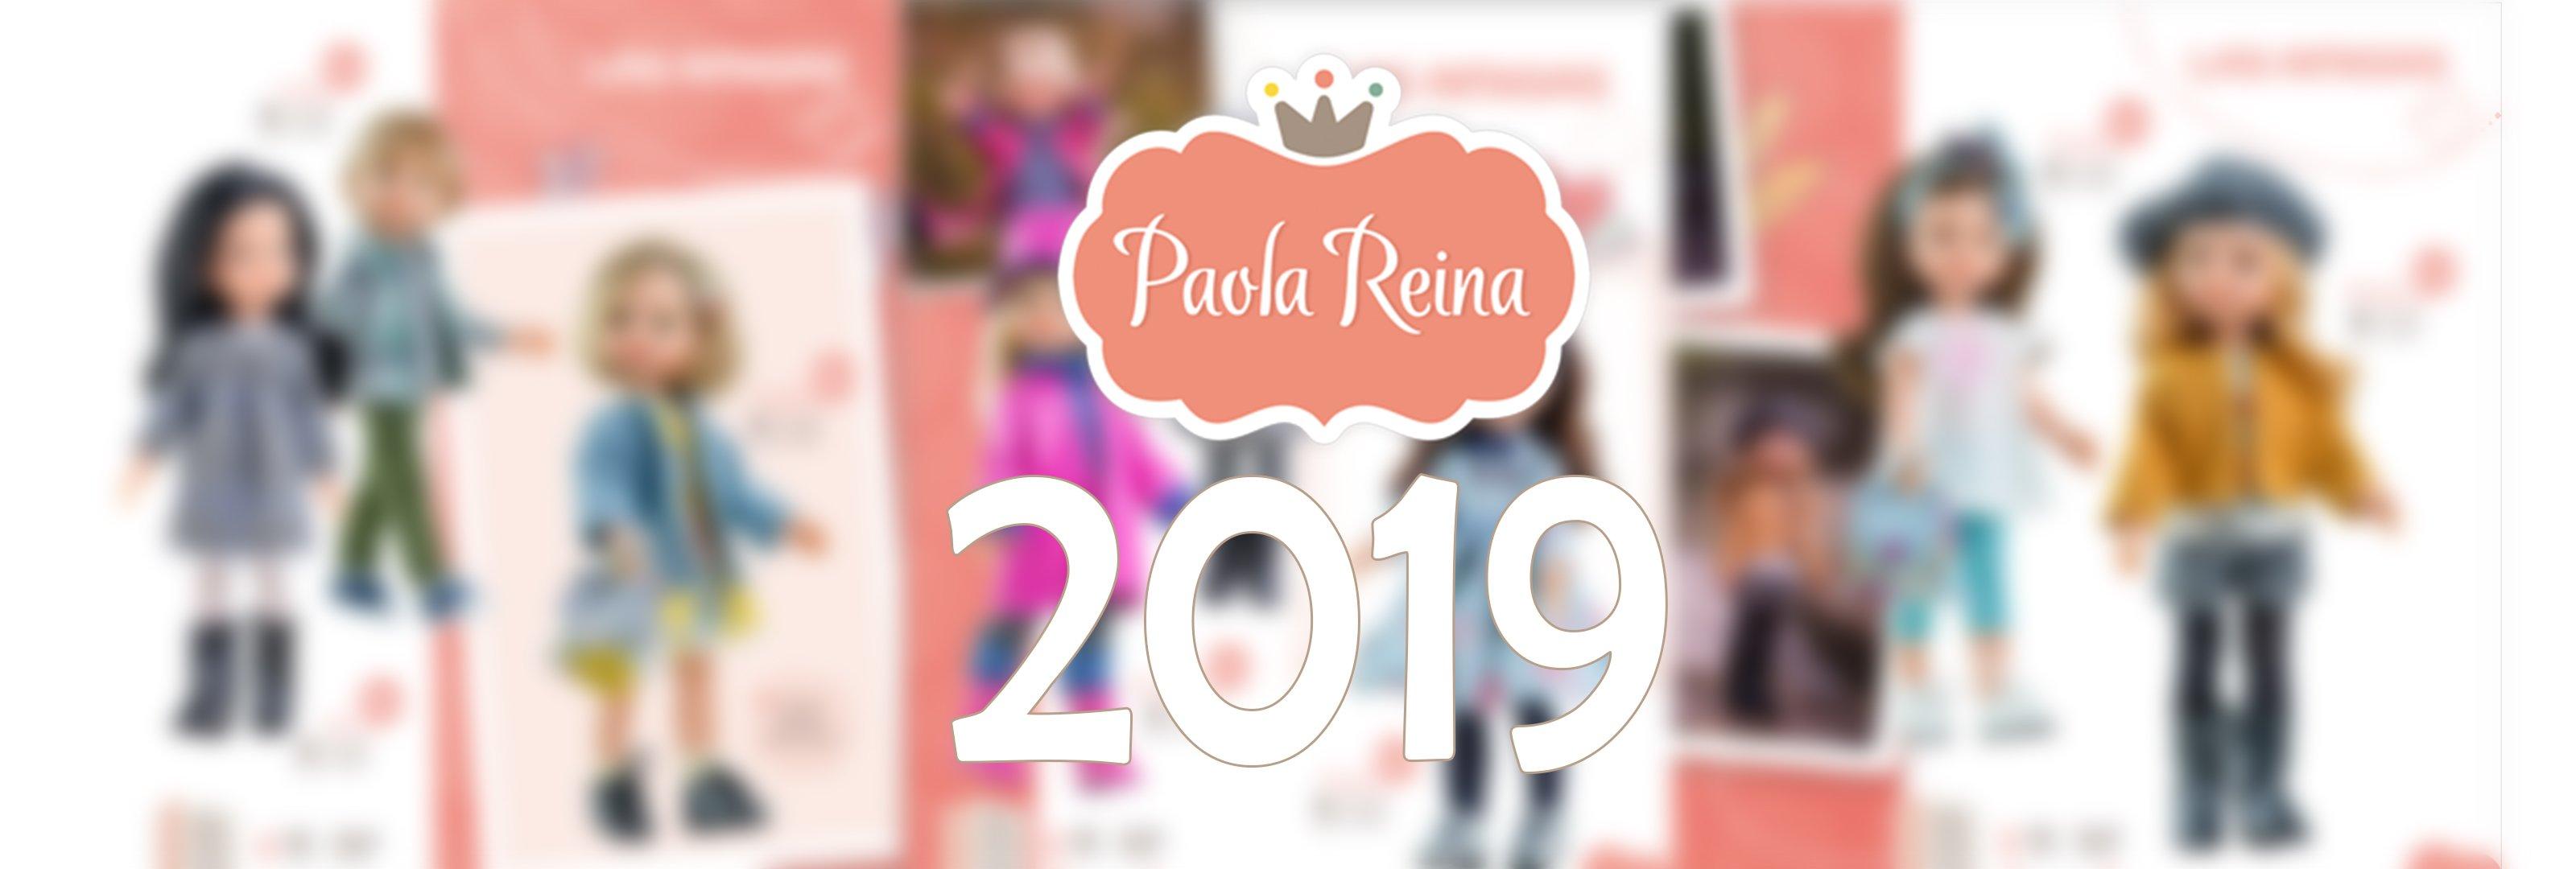 Nueva colección Las Amigas de Paola Reina 2019